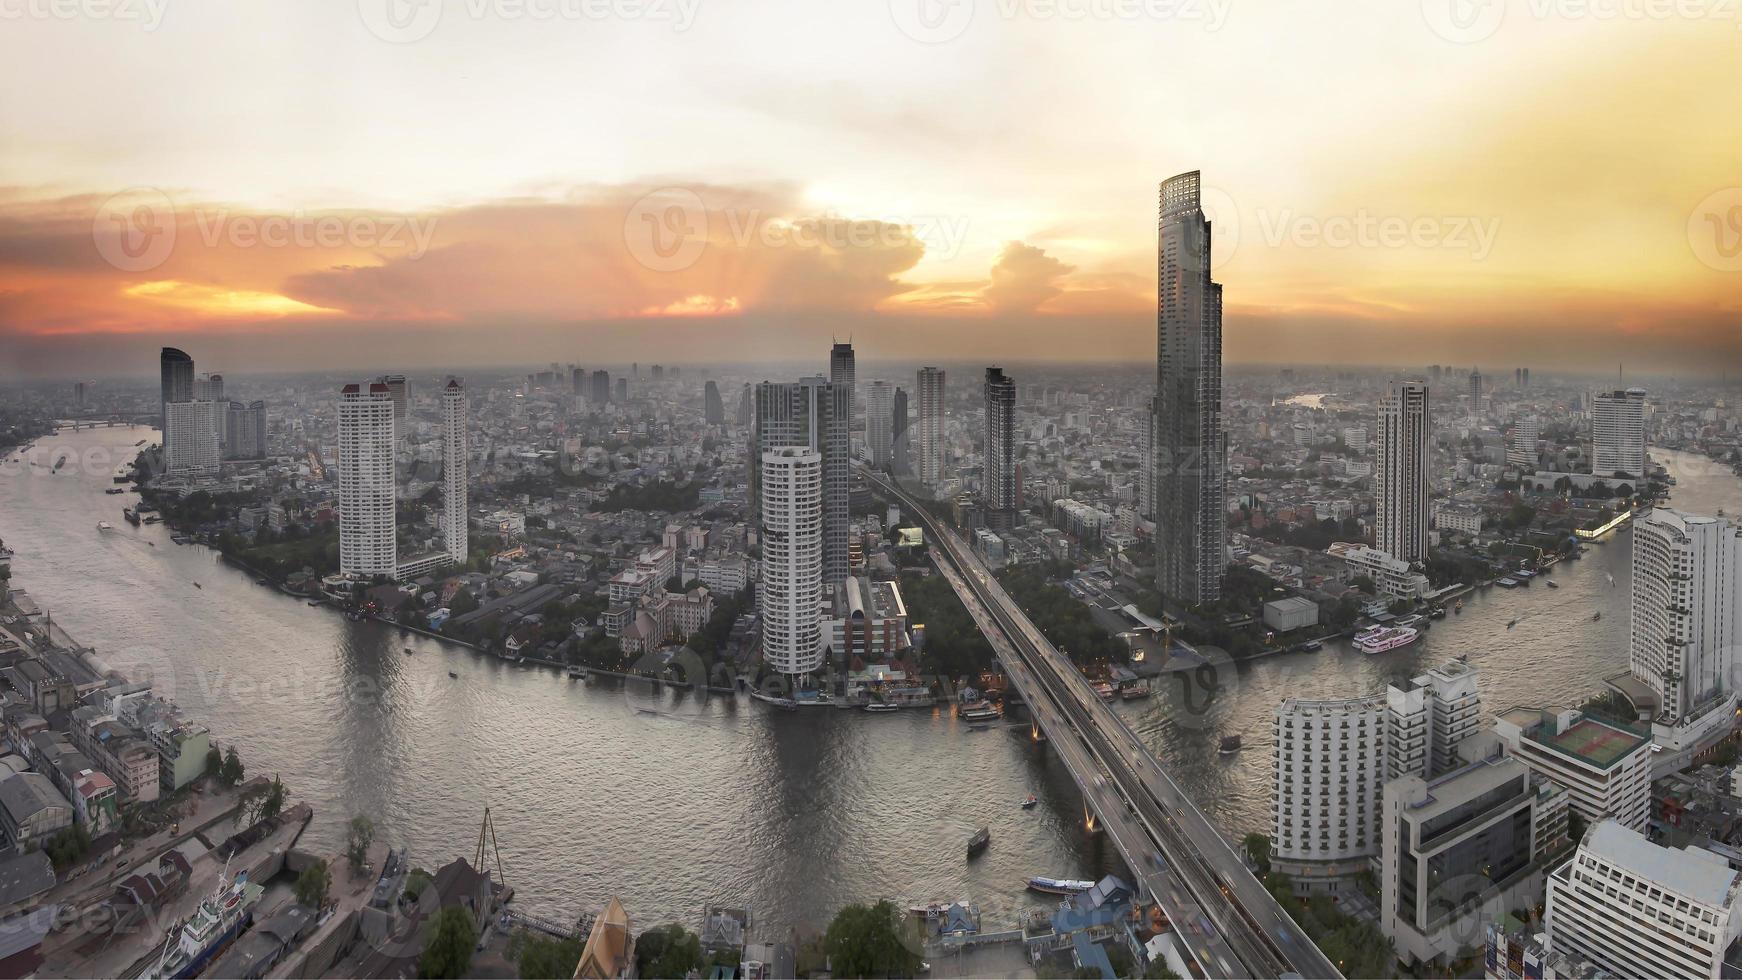 Vista aérea da noite de Banguecoque nos arranha-céus no centro. foto